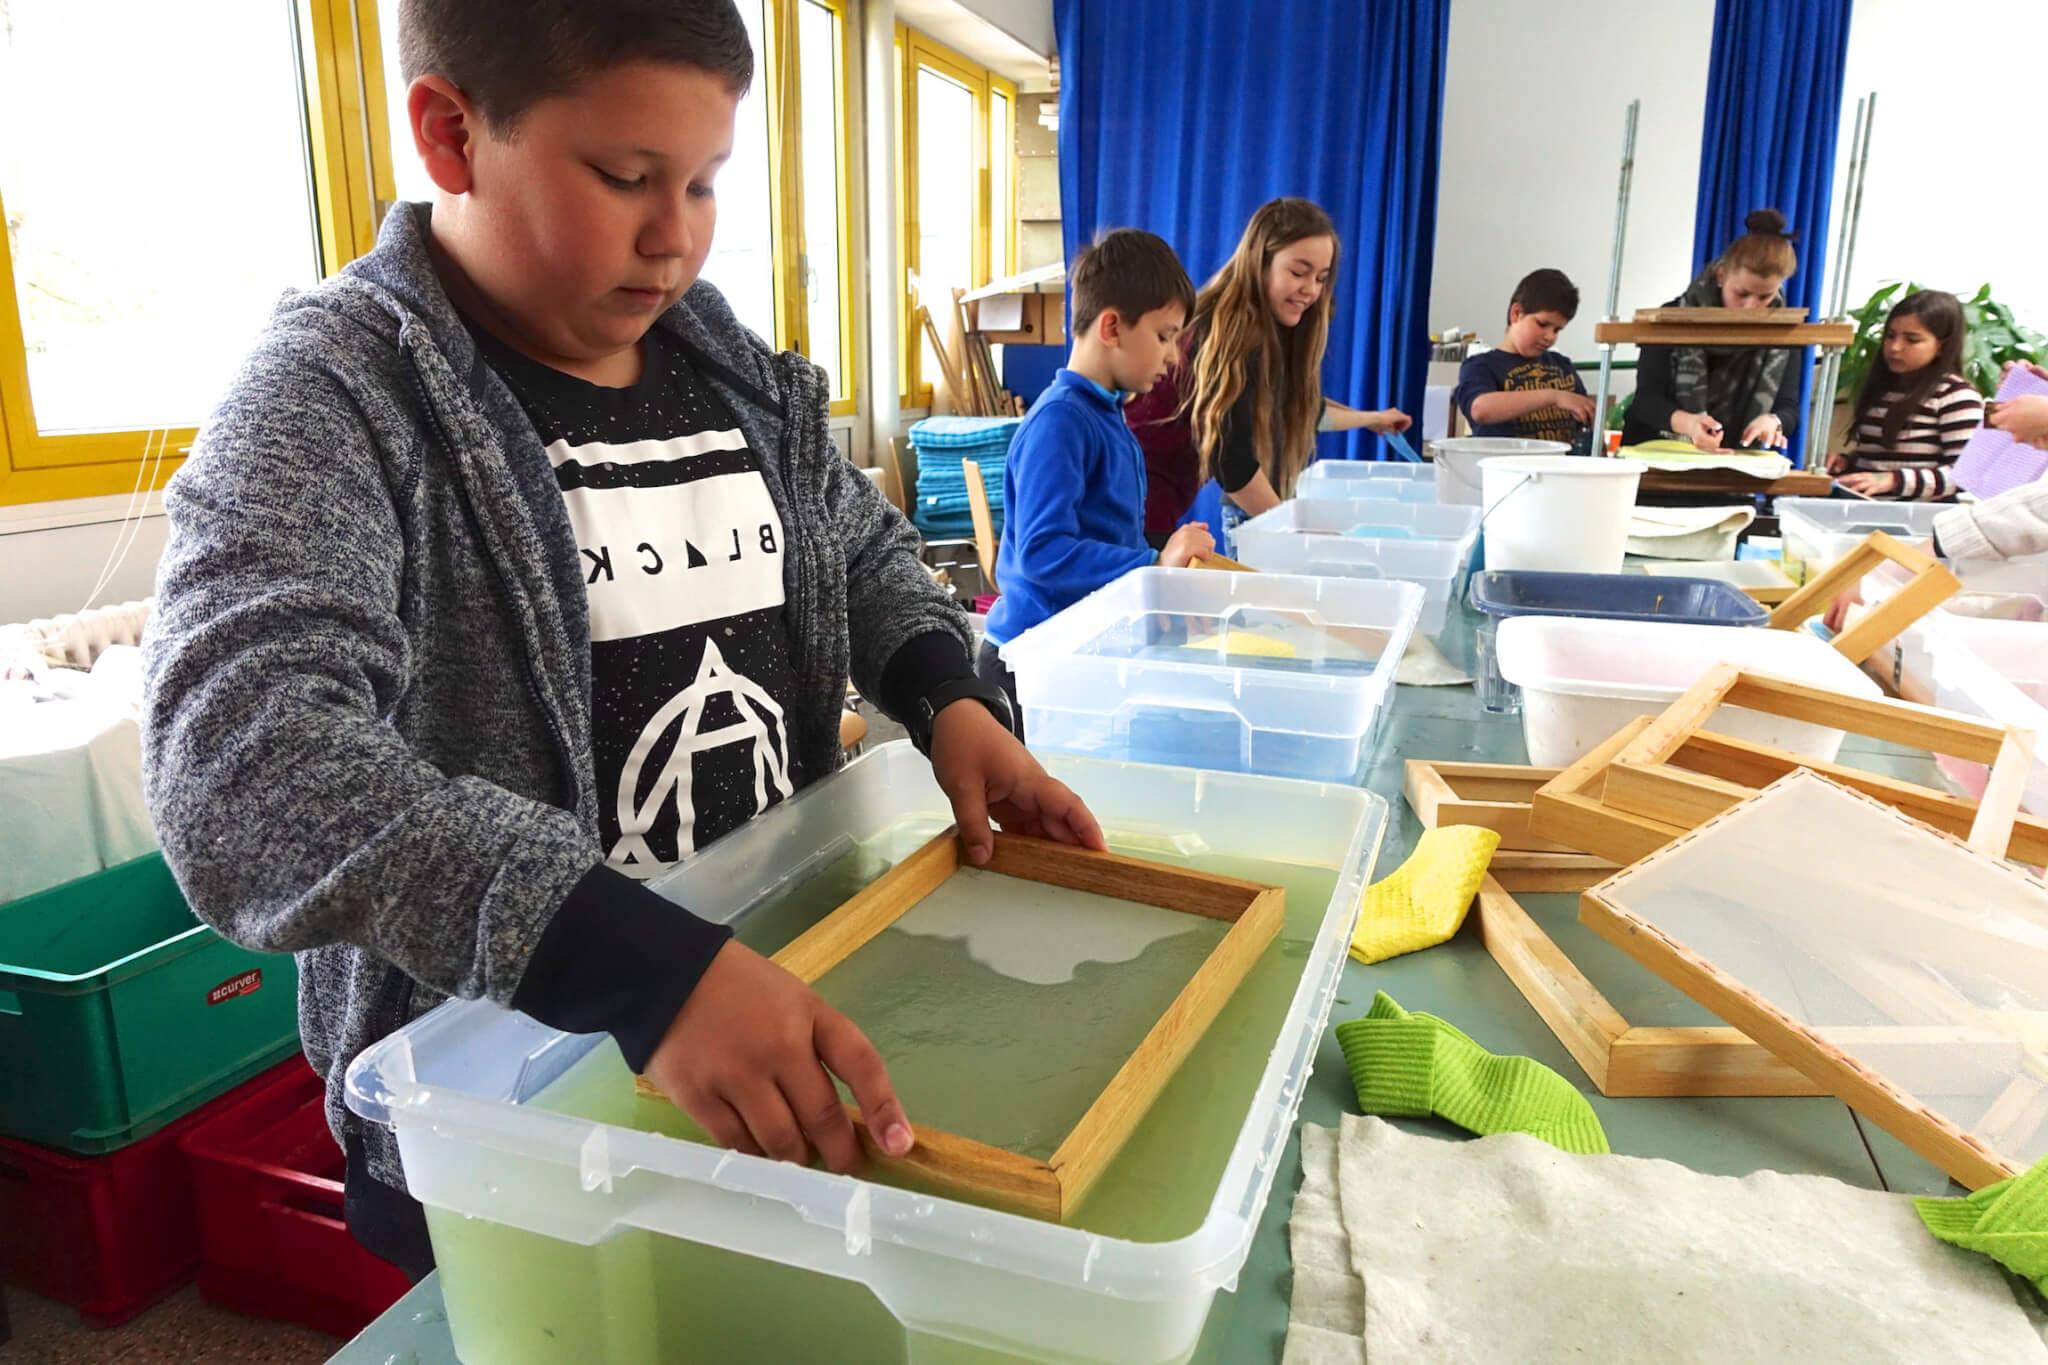 Papierschöpfen erfordert Vorsicht und Konzentration. Foto: Sonja Wessel.